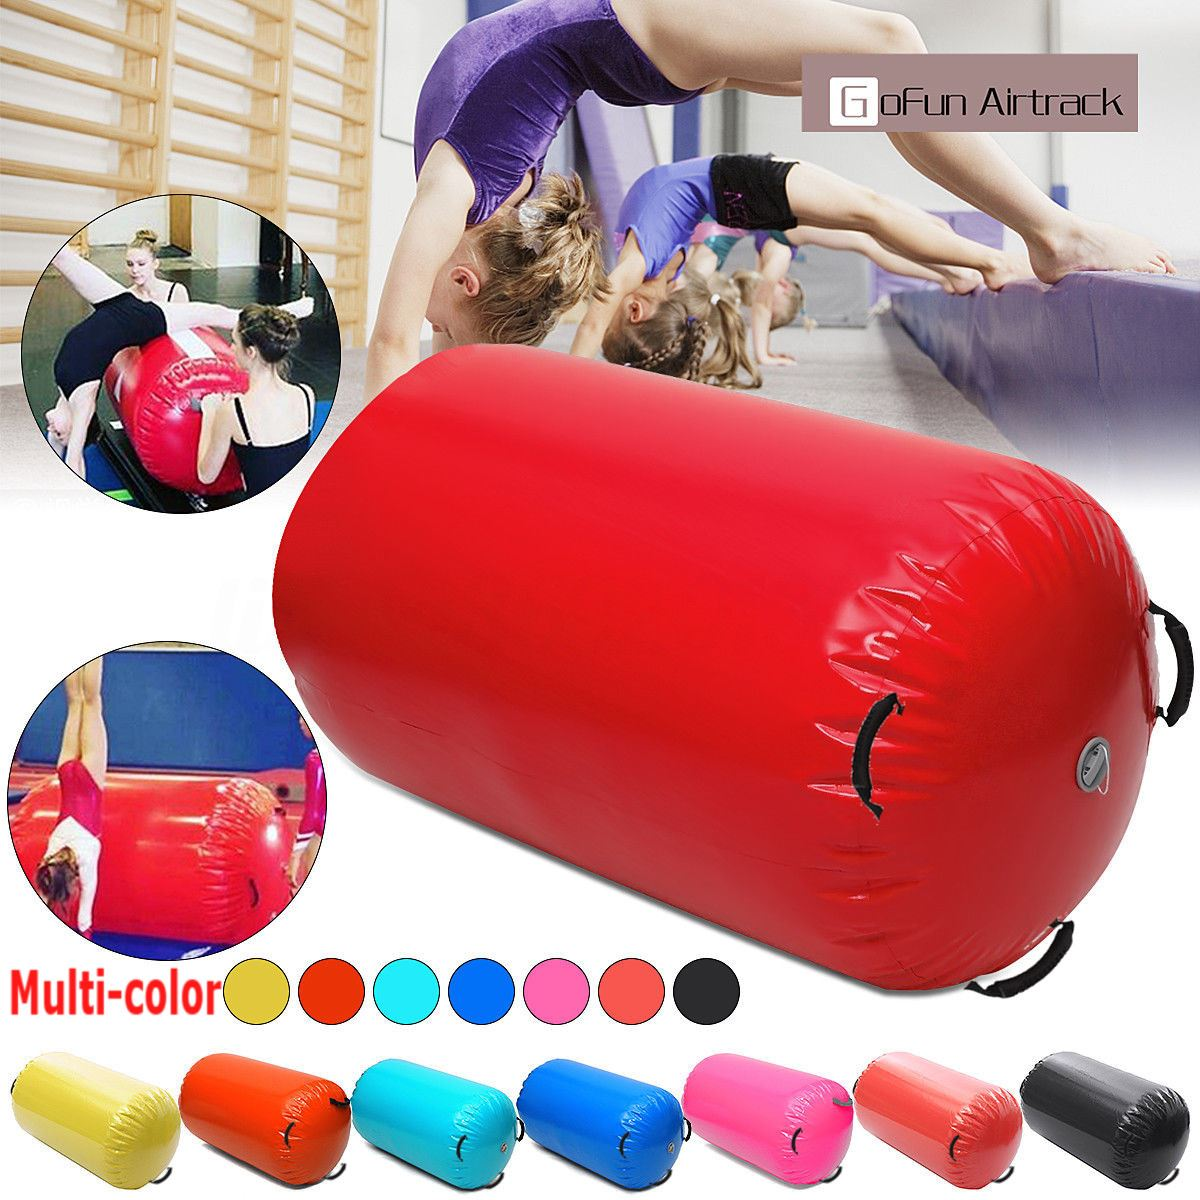 120x60 CM Fitness gonflable Air rouleau maison grand Yoga gymnastique cylindre GYM tapis faisceau chaud